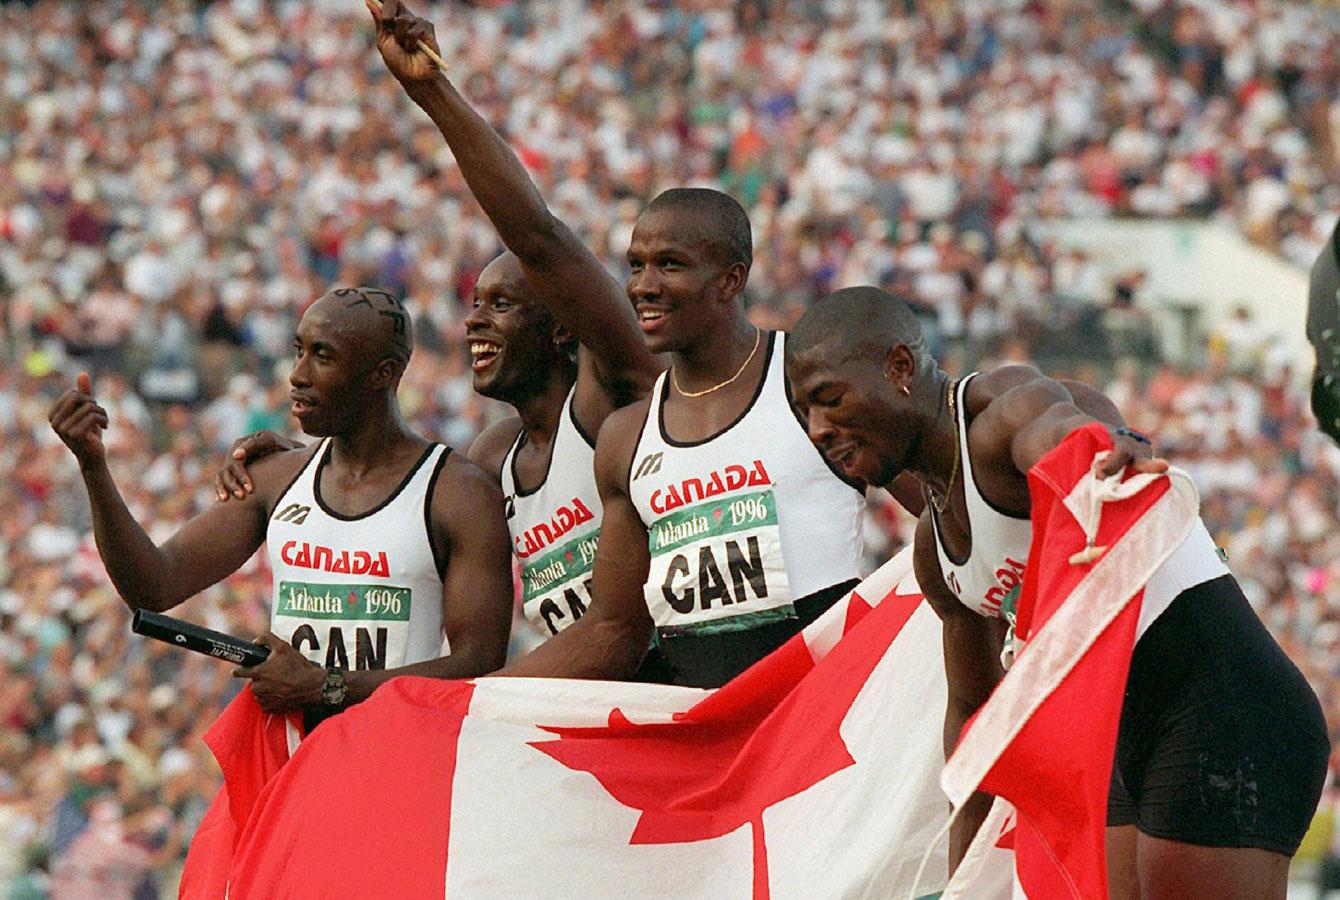 Quatre sprinteurs canadiens avec le drapeau du Canada